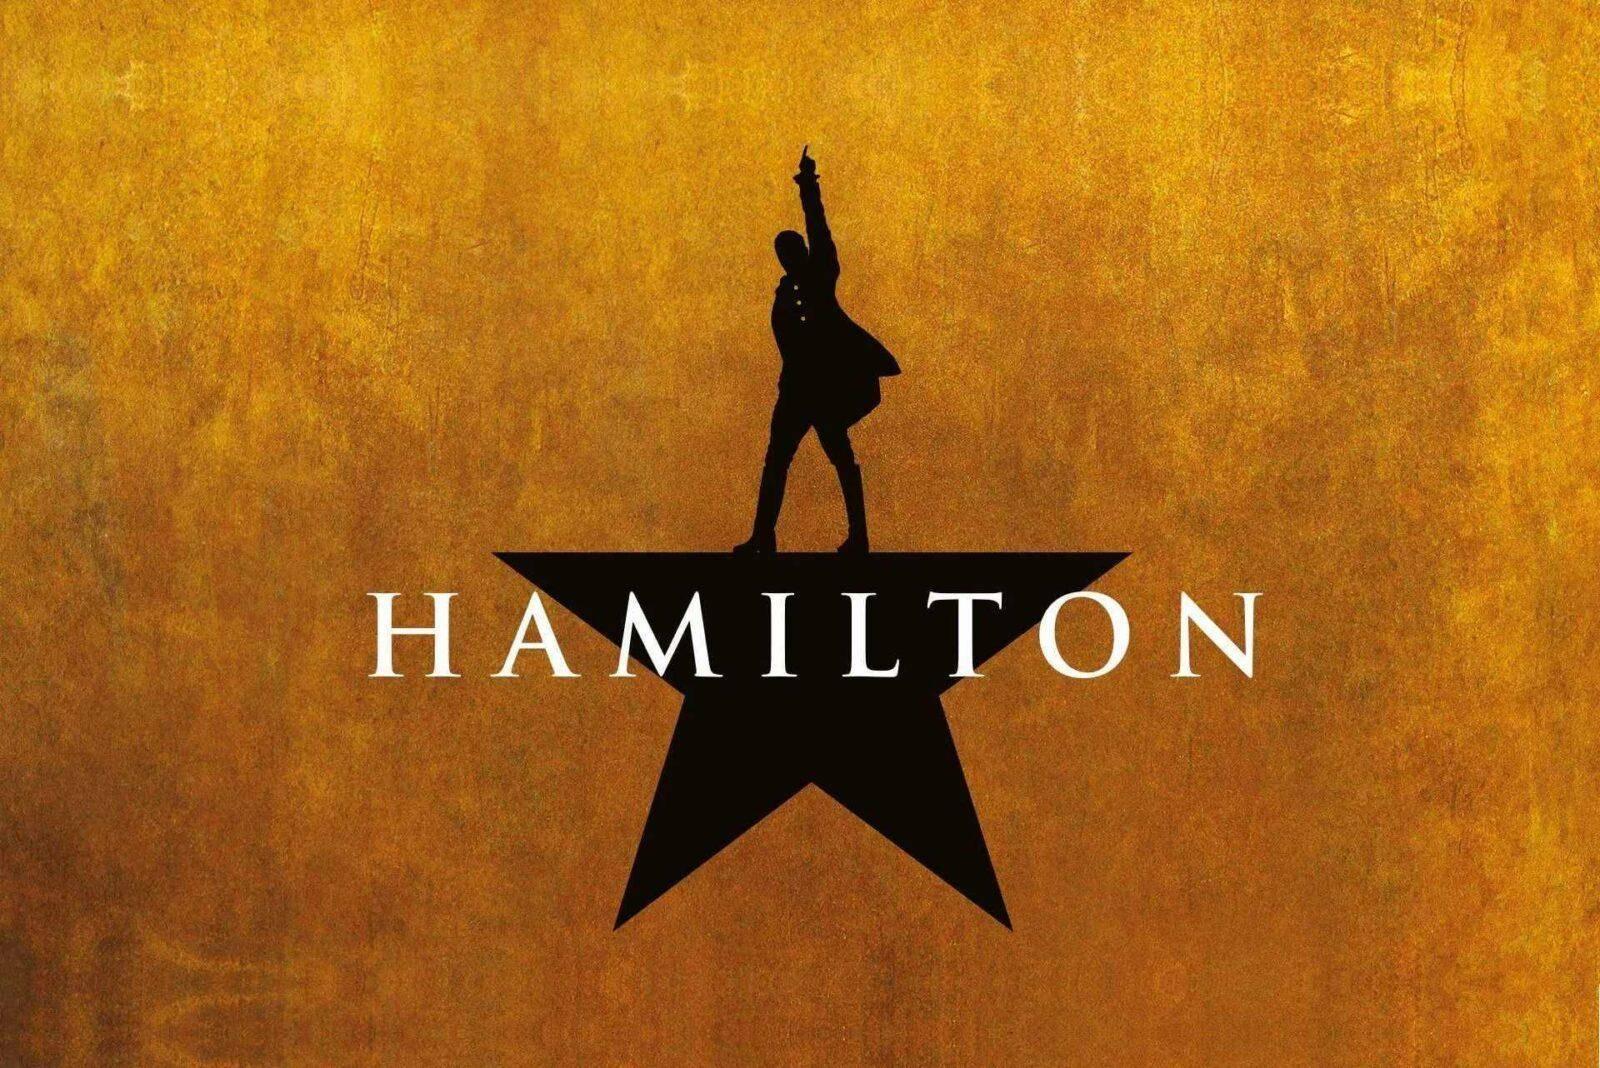 Hamilton la revolution musicale à voir absolument